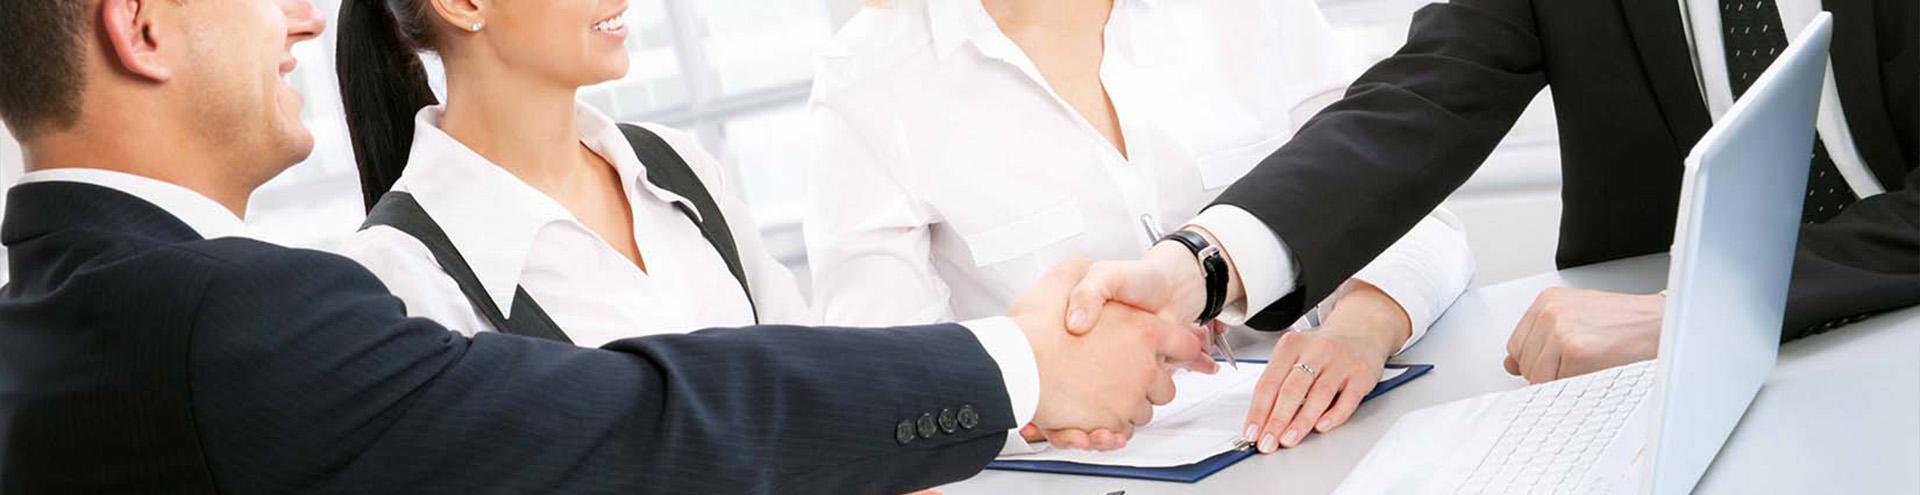 юридическое обслуживание физических лиц в Калуге и Калужской области